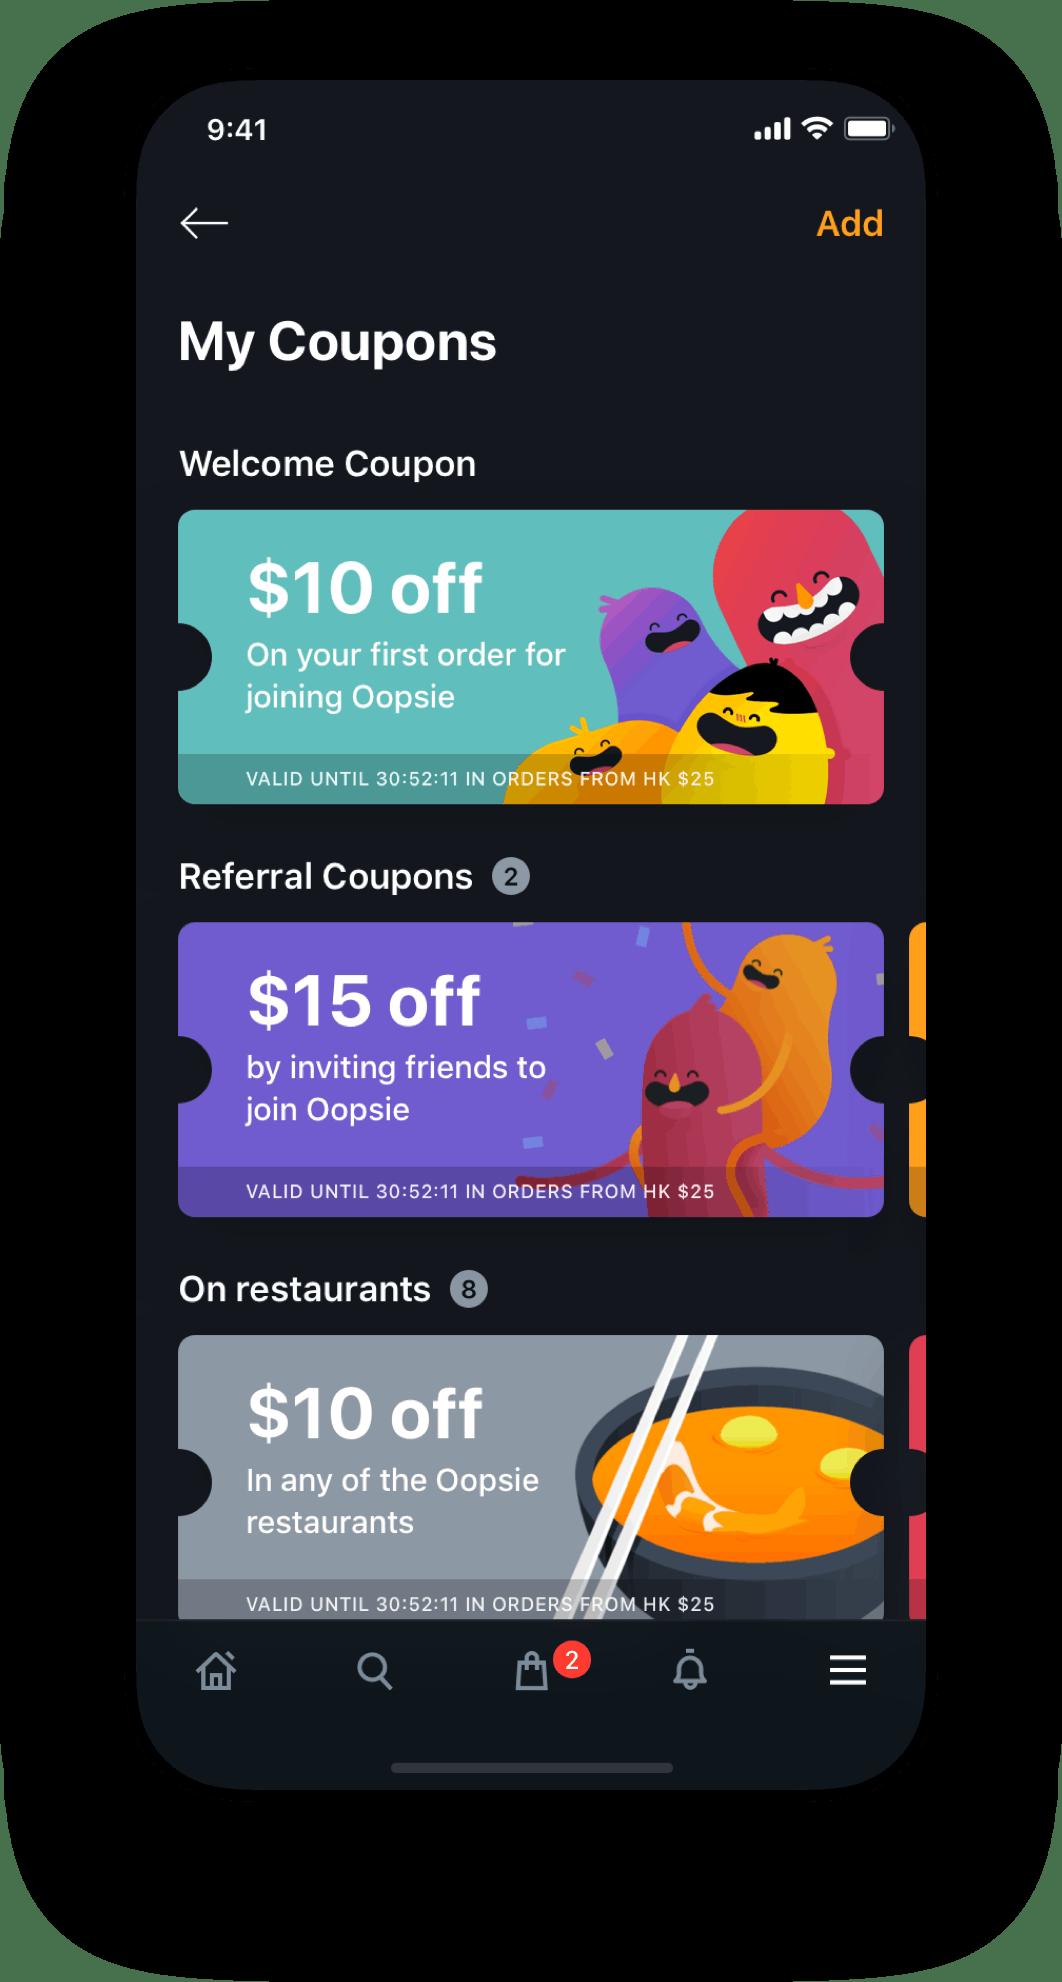 Oopsie App Coupons